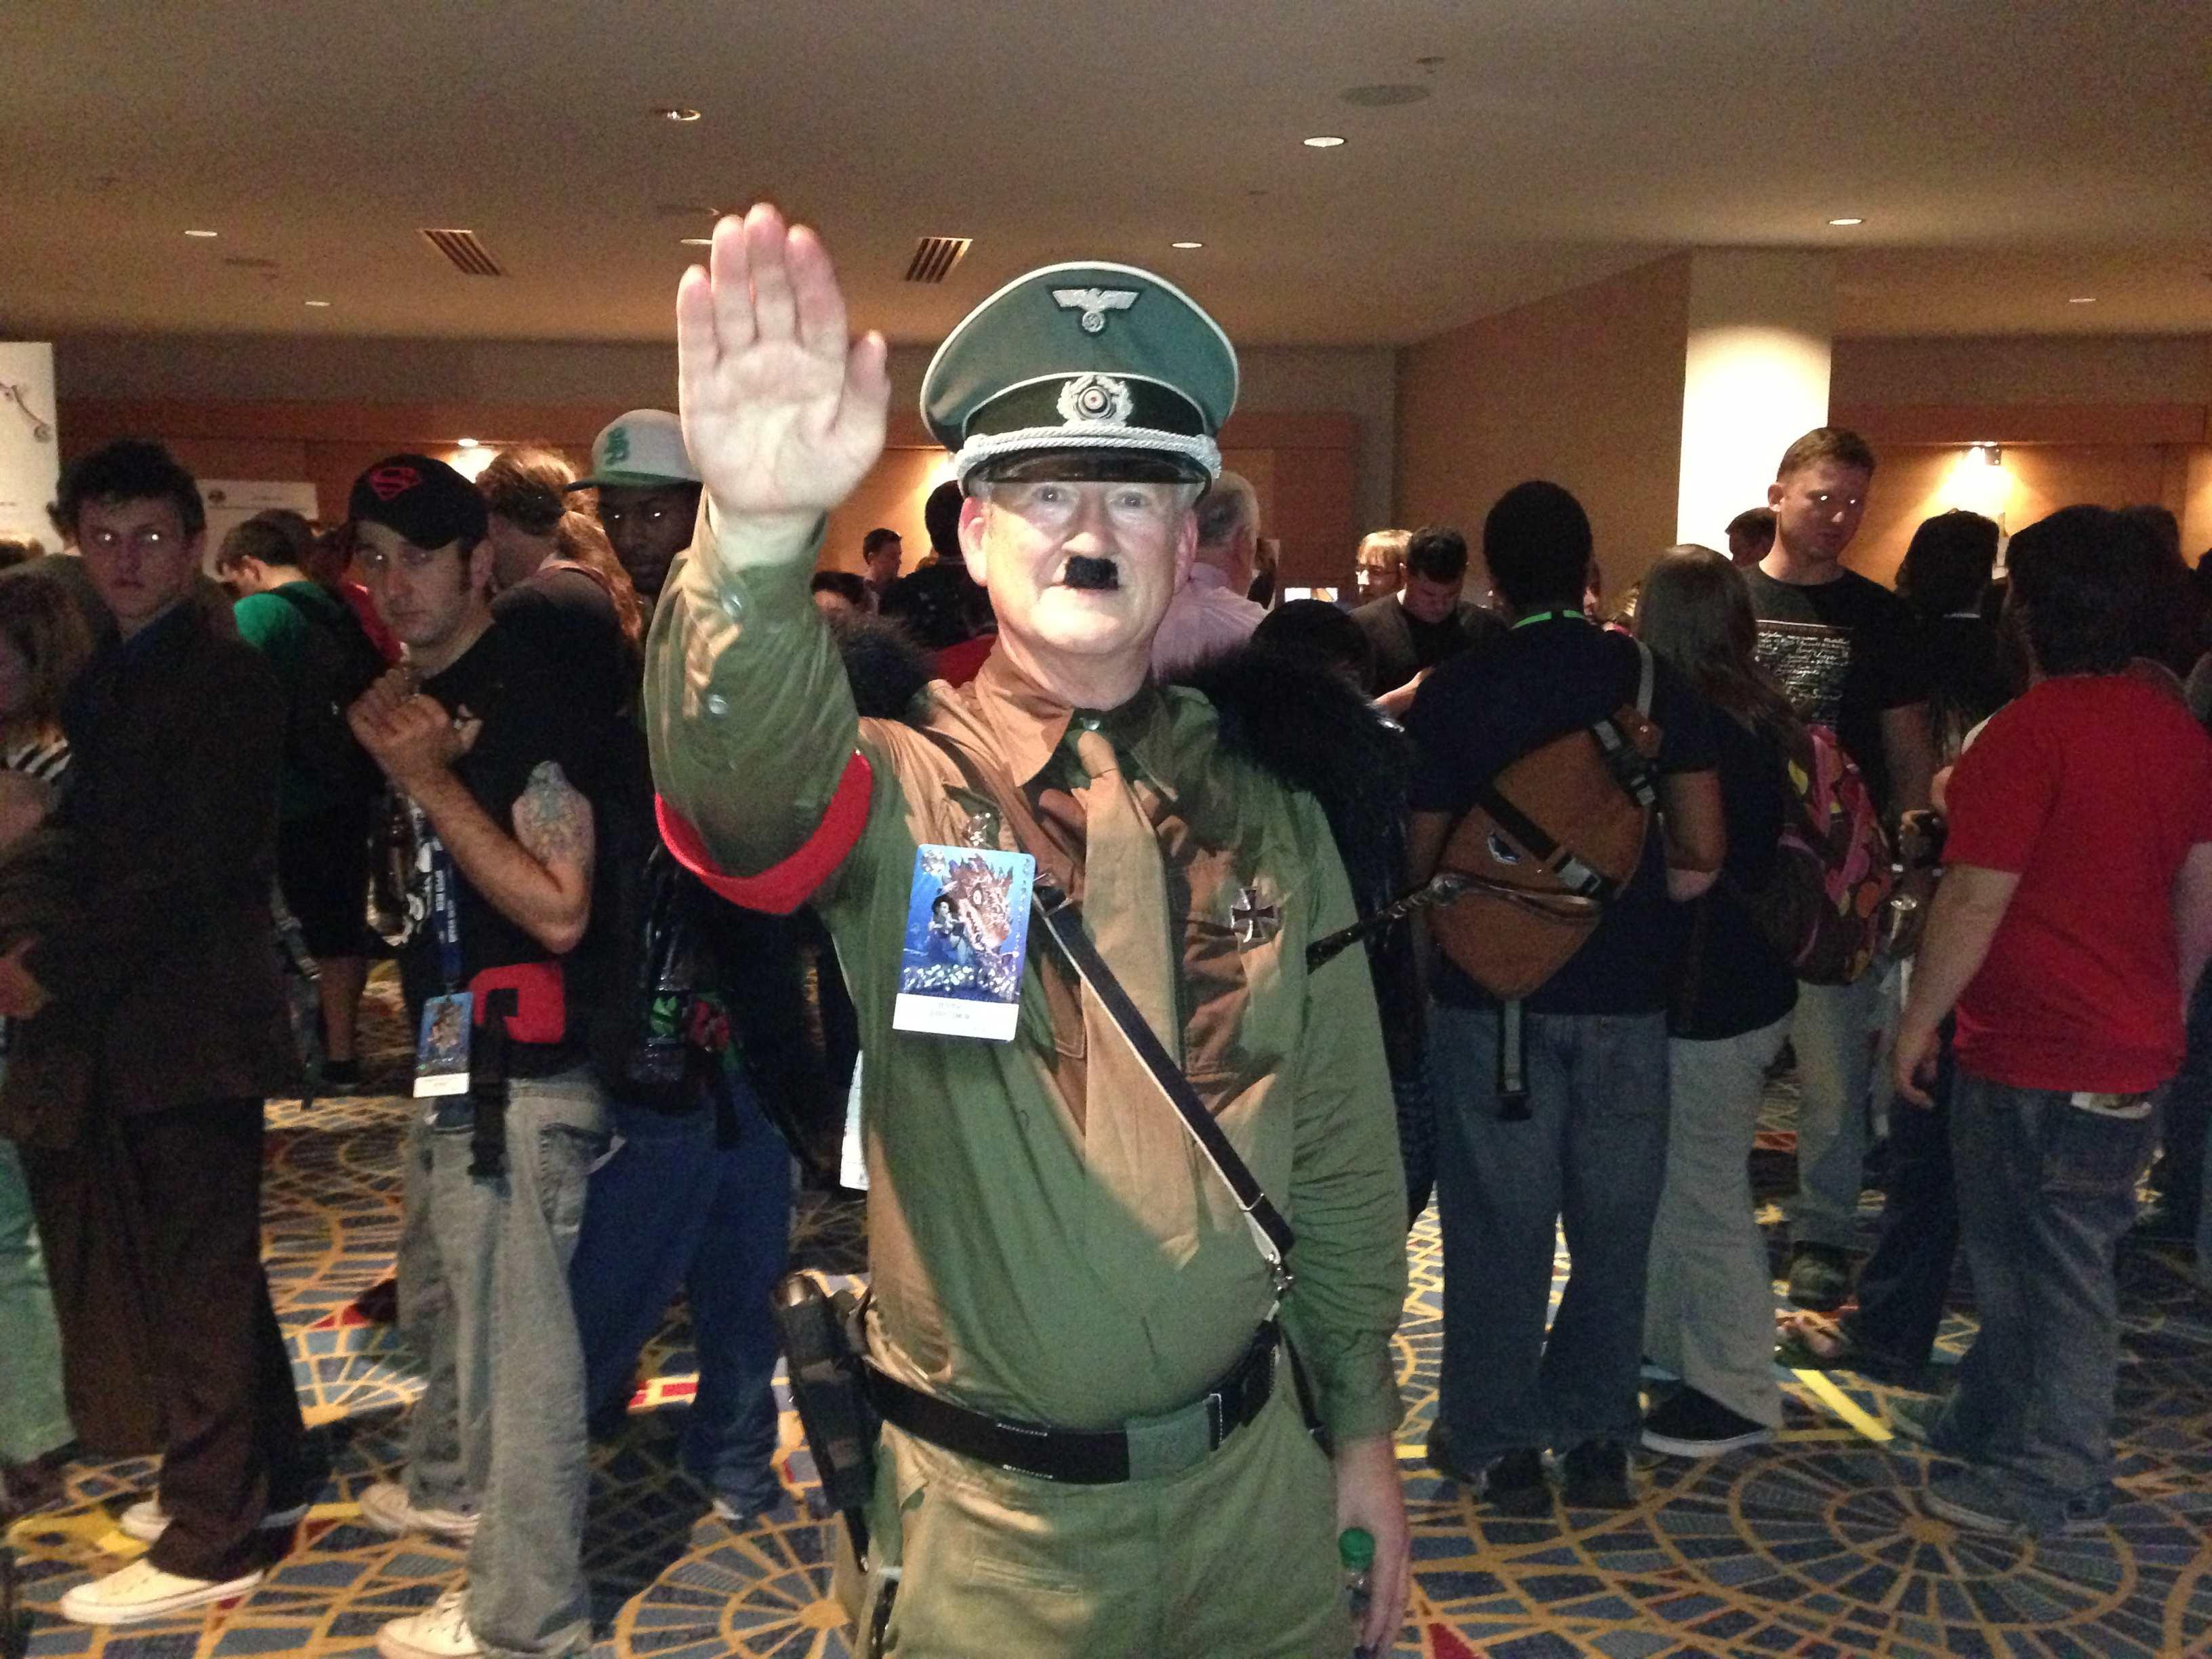 2013-09-04-Hitler_HuffPost.jpg